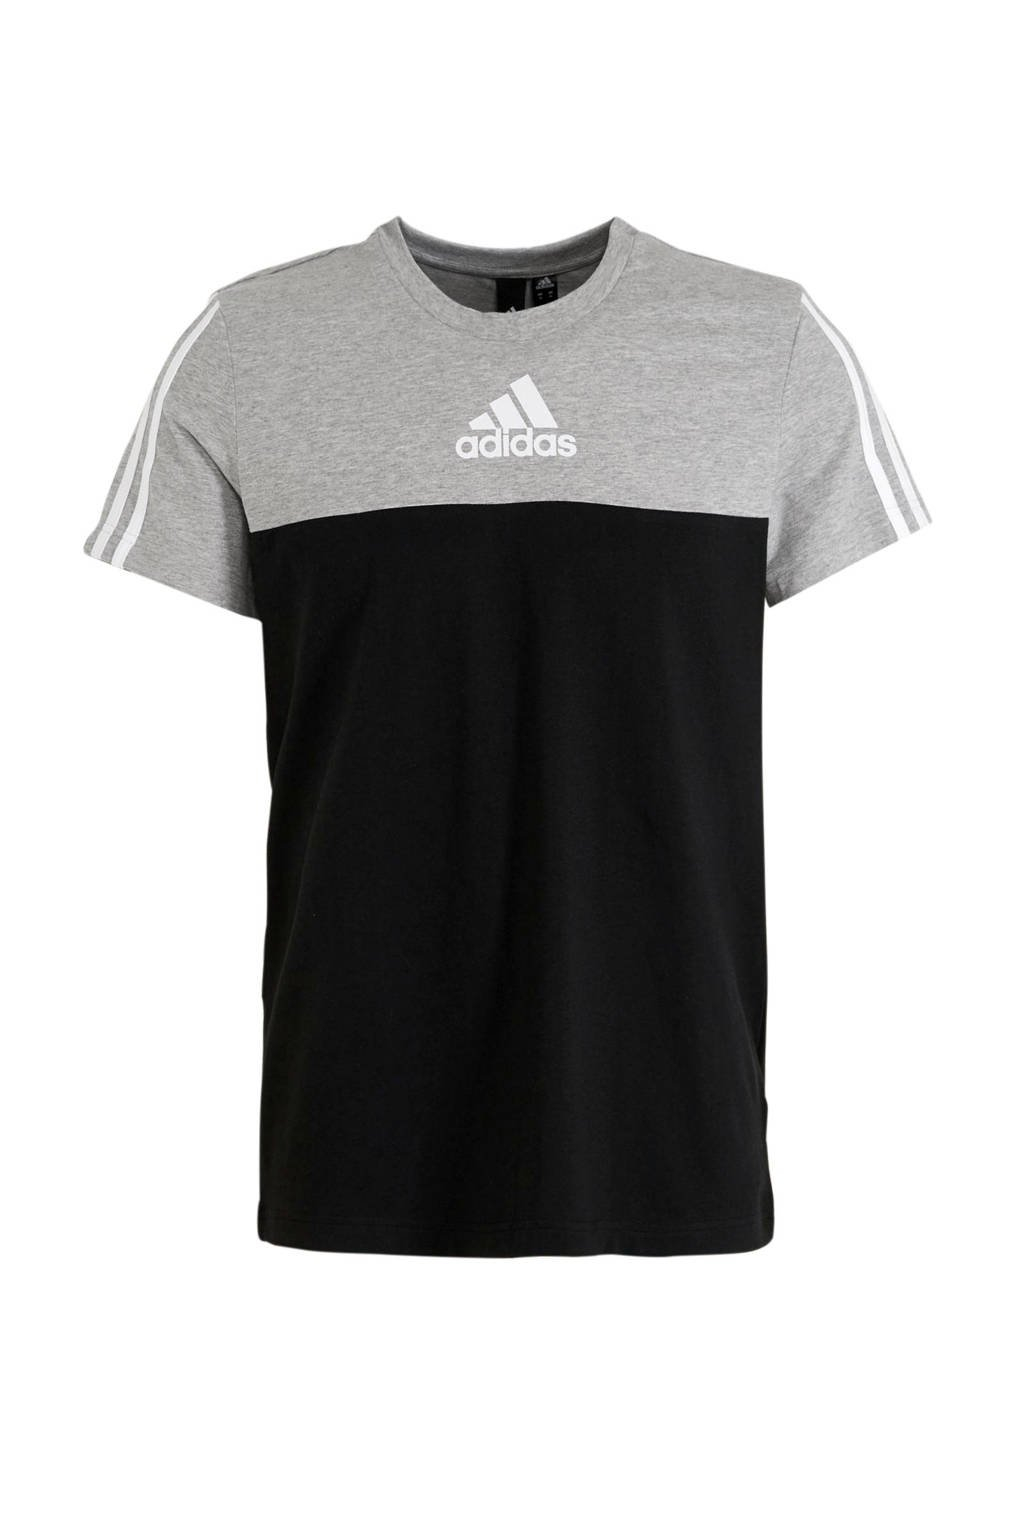 adidas Performance   sport T-shirt zwart/grijs, Zwart/grijs